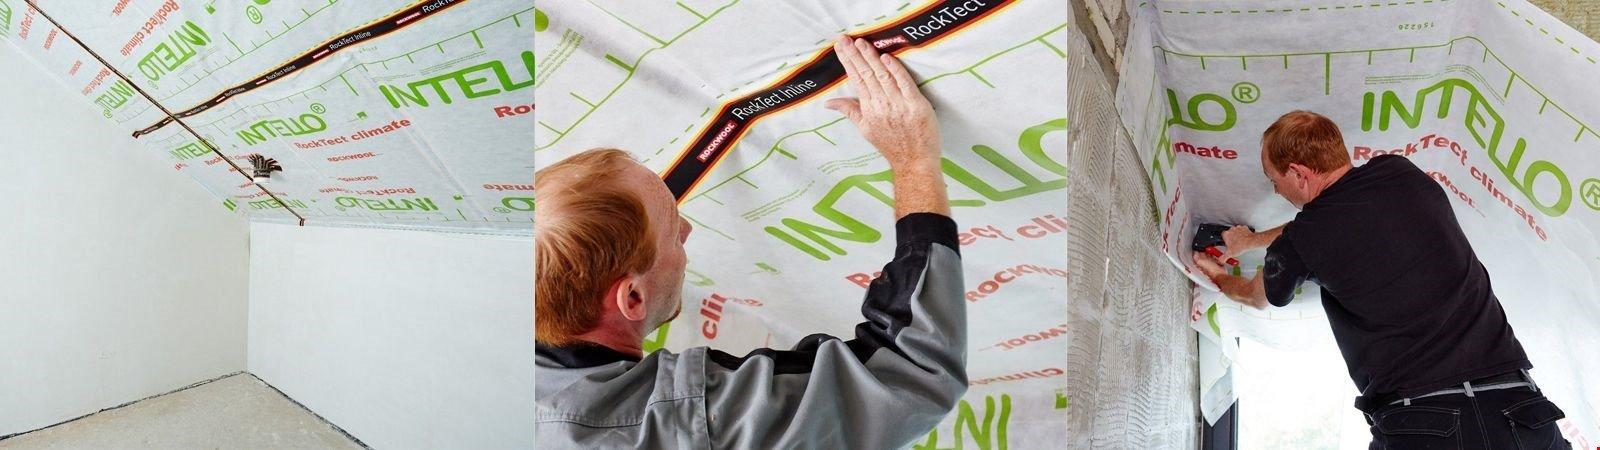 Dampfsperre: Spezialfolie zum Abdichten der Dachdämmung